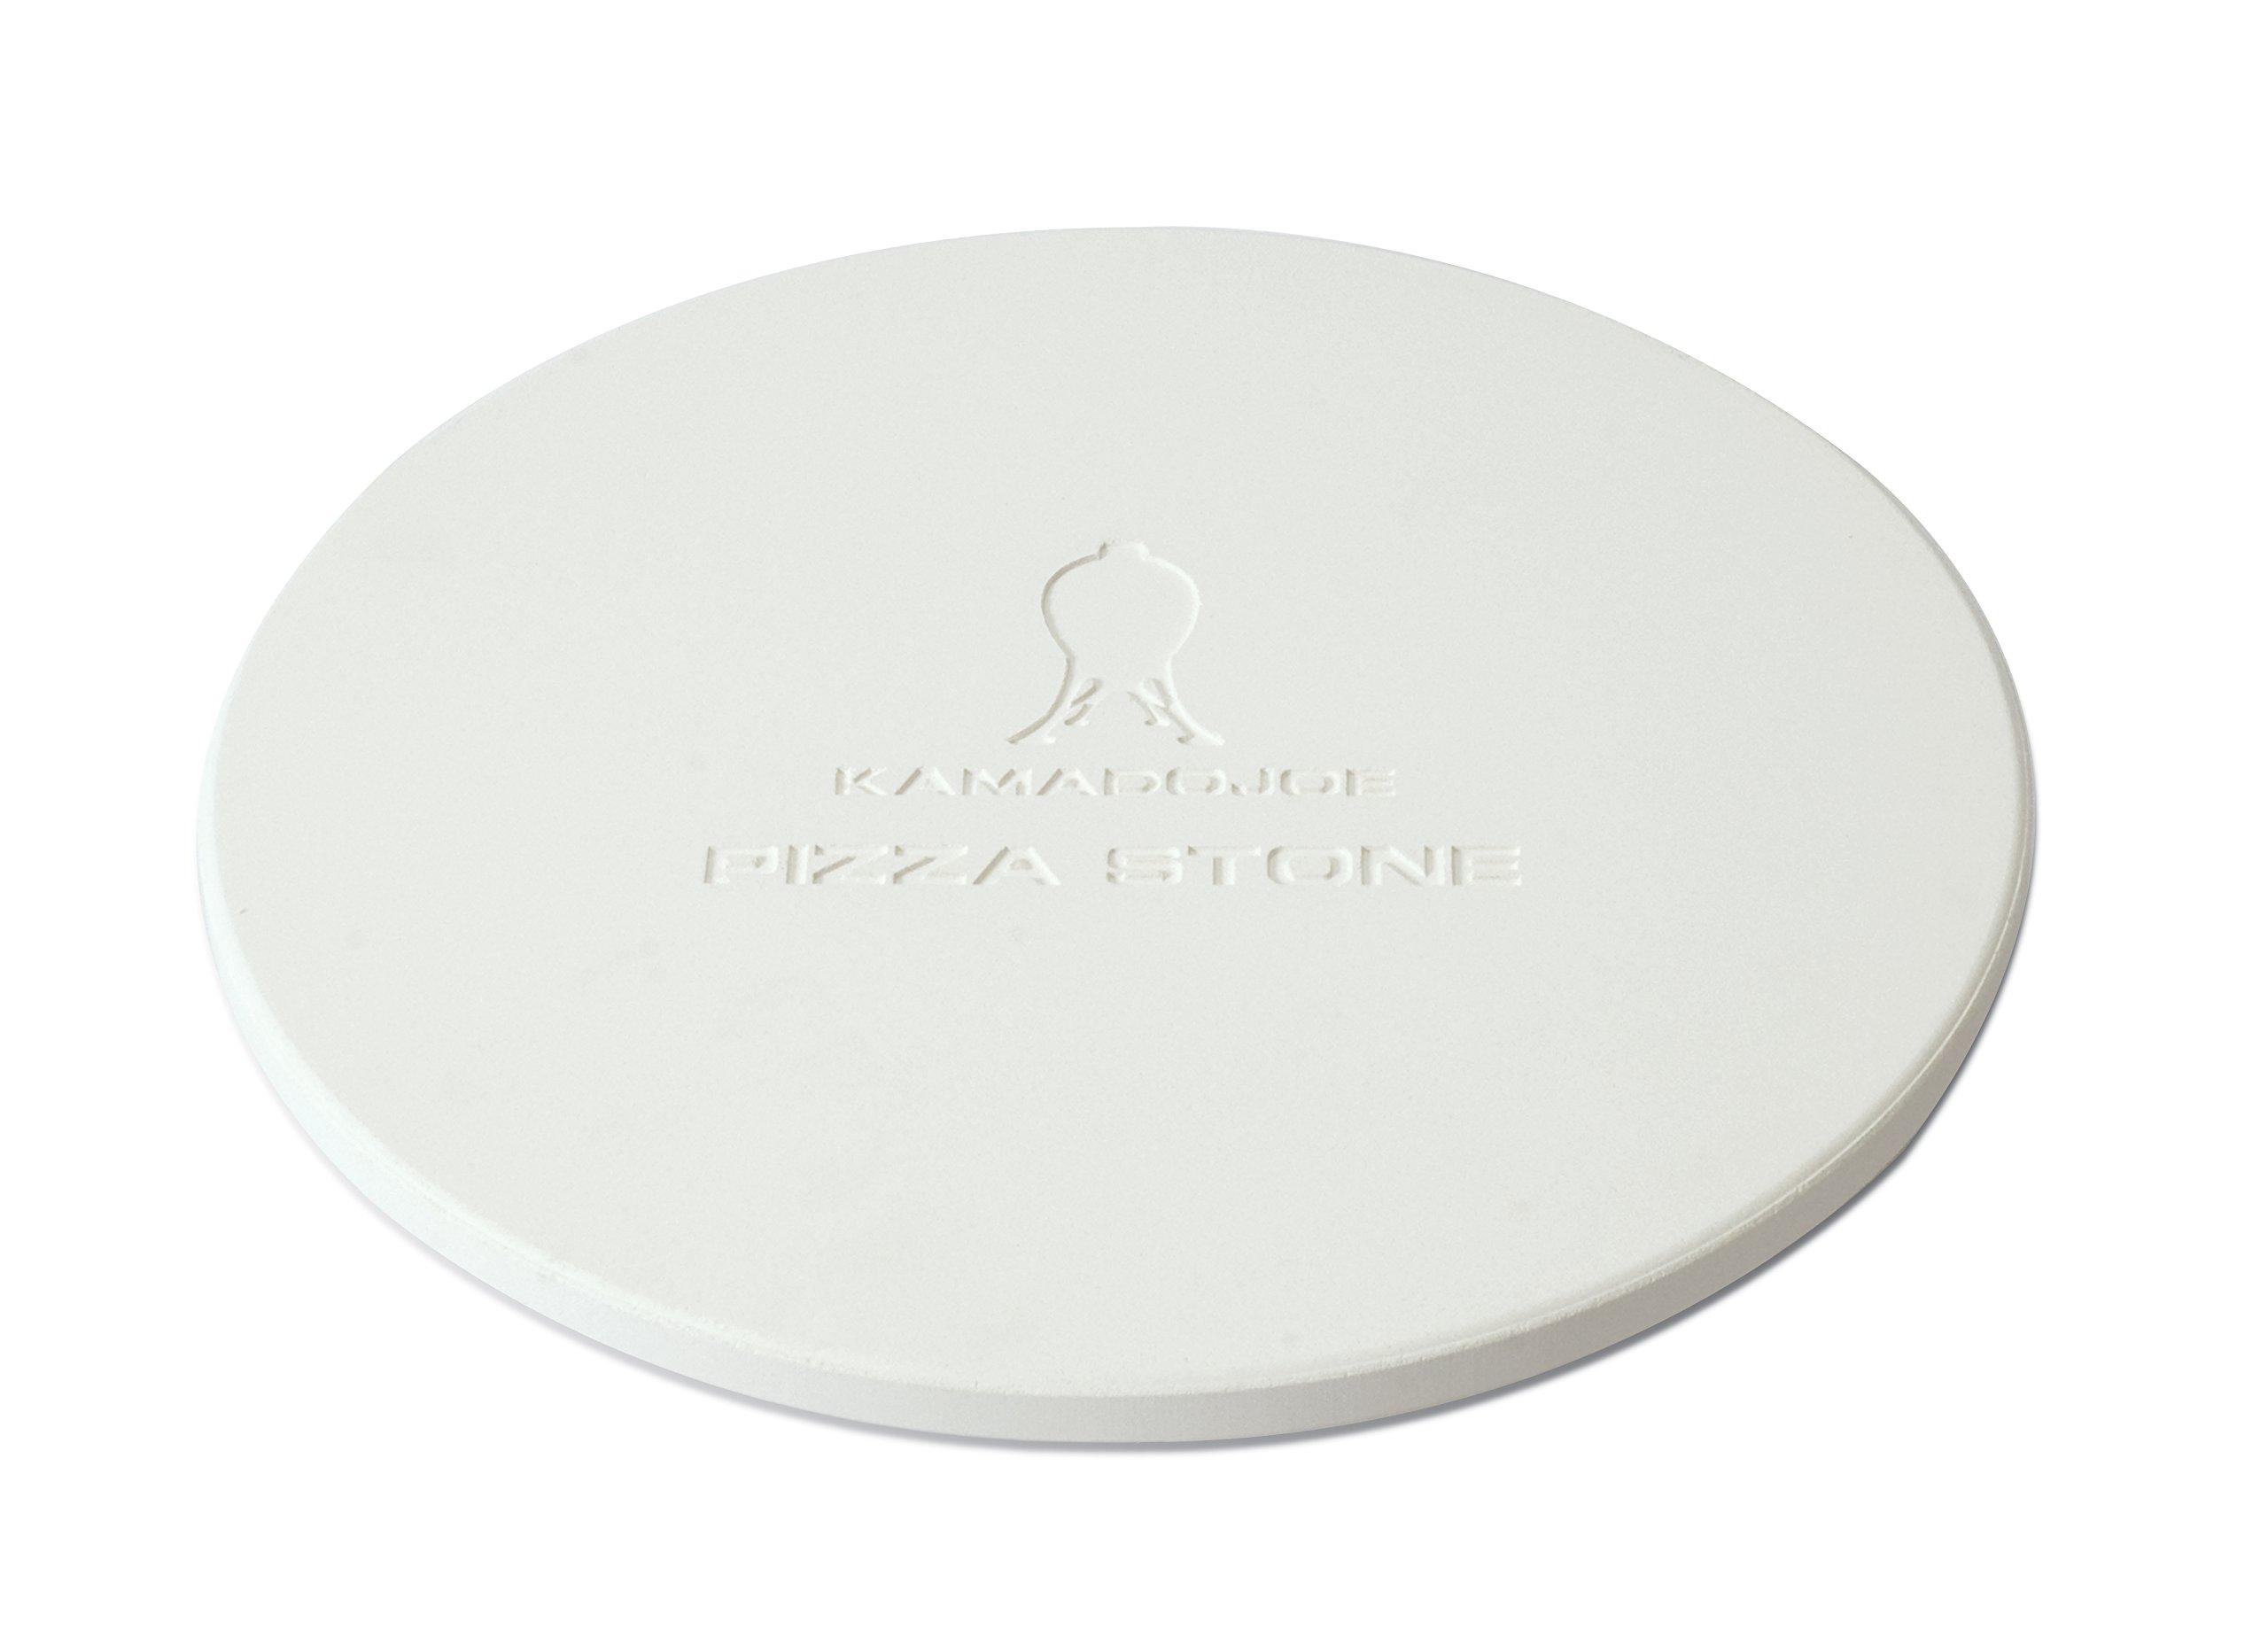 KamadoJoe BJ-PS24 Pizza Stone